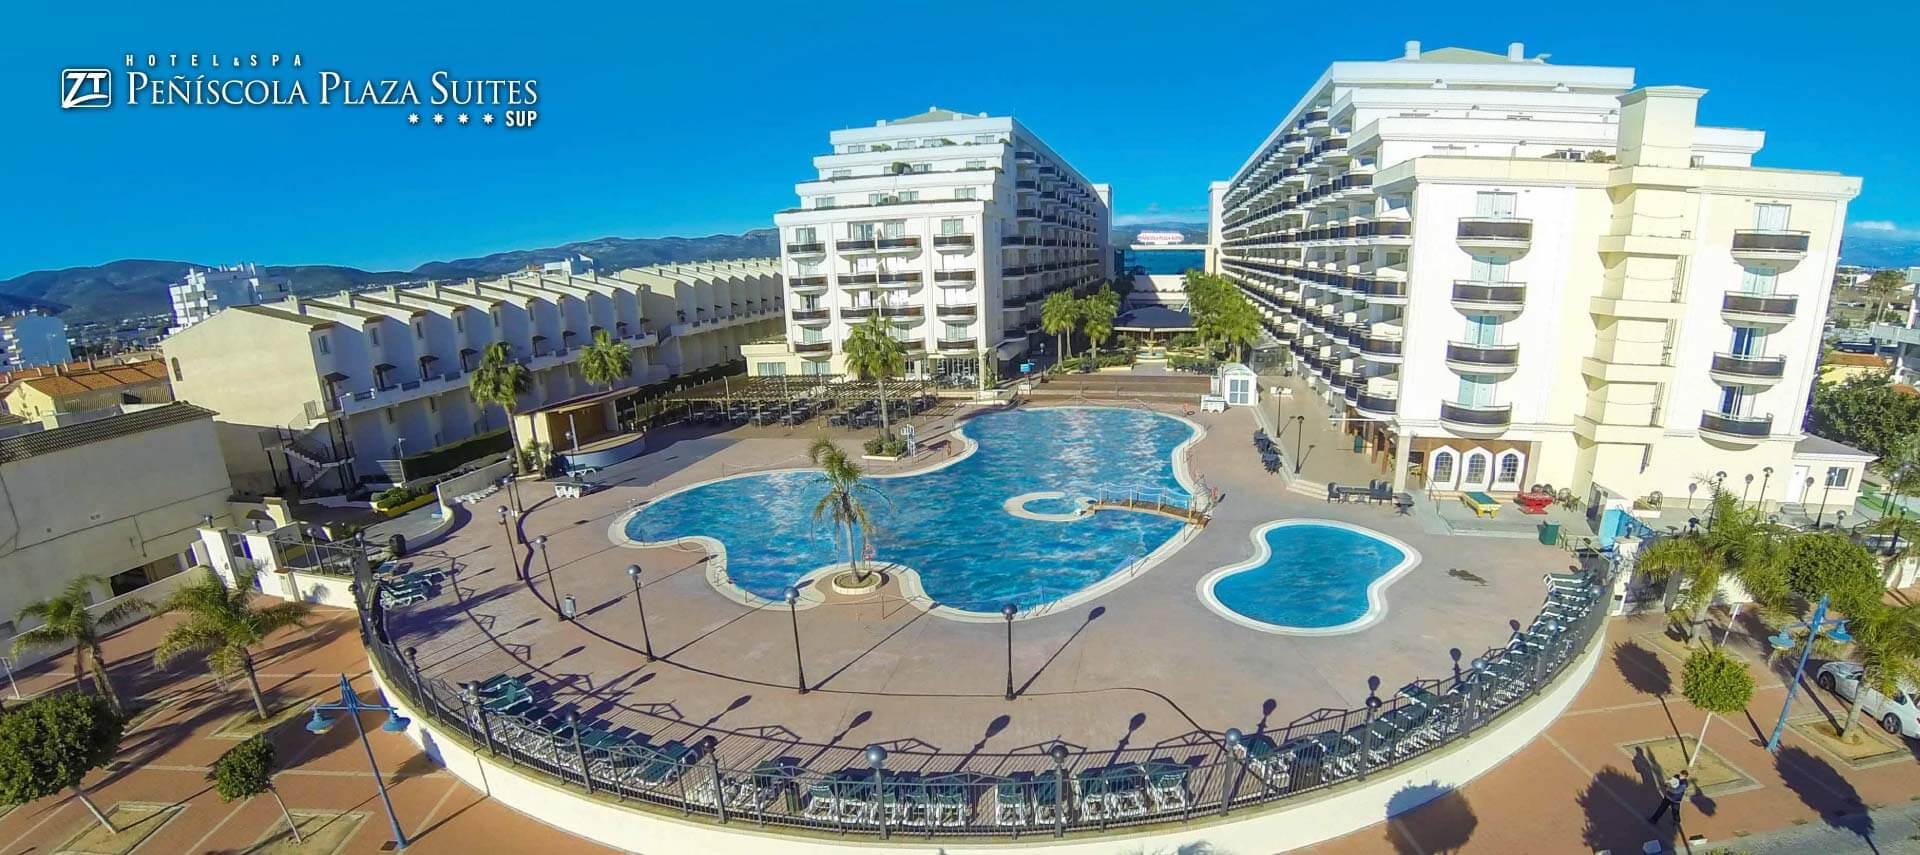 ZT Hotel Spa Peñiscola Plaza Suites